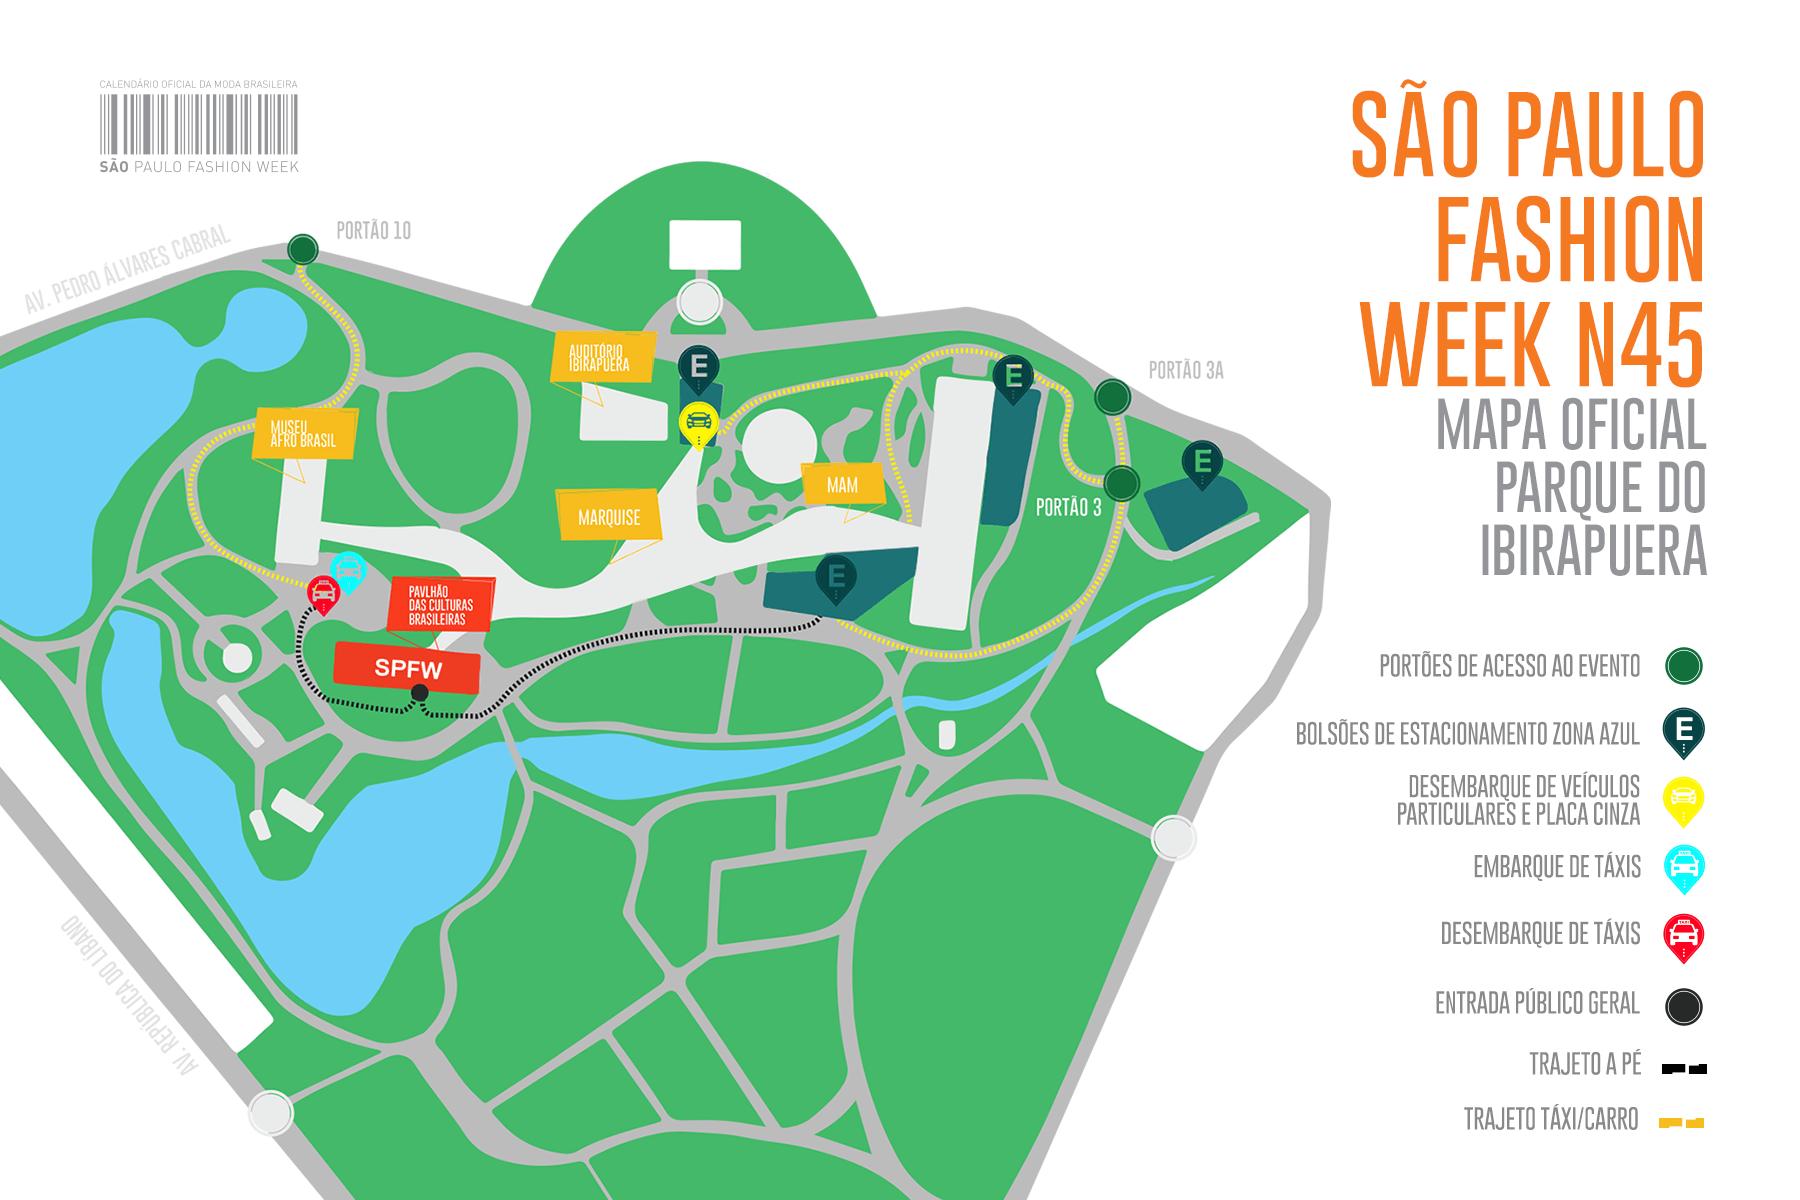 2018_spfwn45_mapa_evento_geral-1